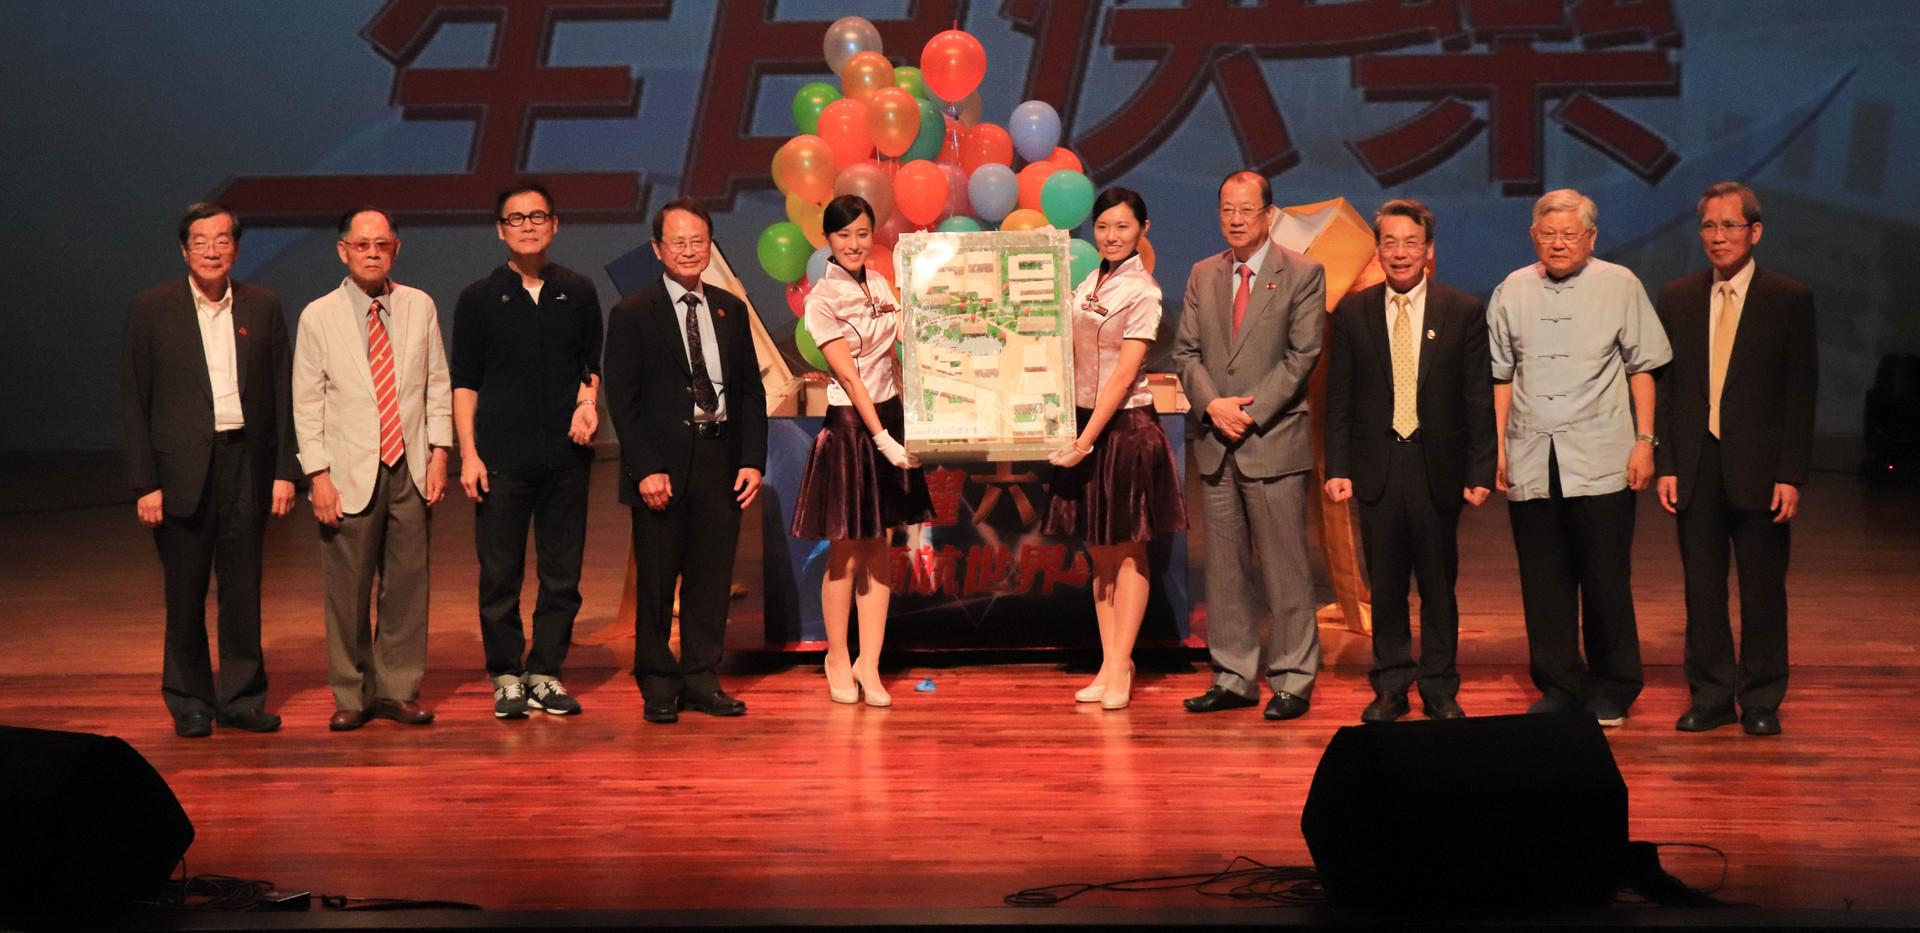 中國醫校慶演唱會-450.jpg